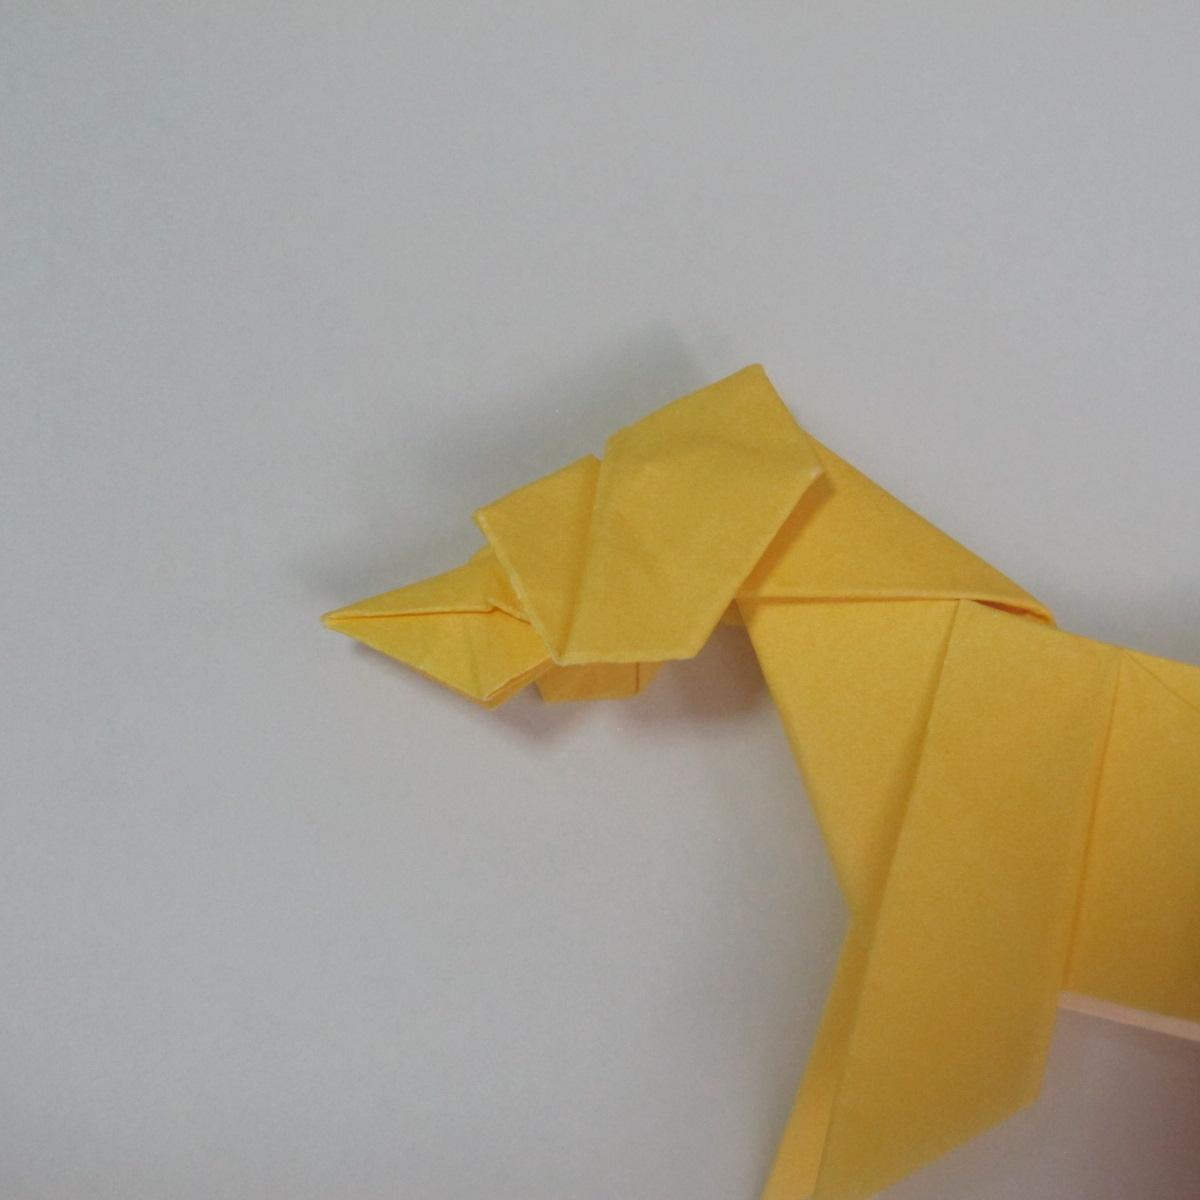 สอนวิธีพับกระดาษเป็นรูปลูกสุนัขยืนสองขา แบบของพอล ฟราสโก้ (Down Boy Dog Origami) 101